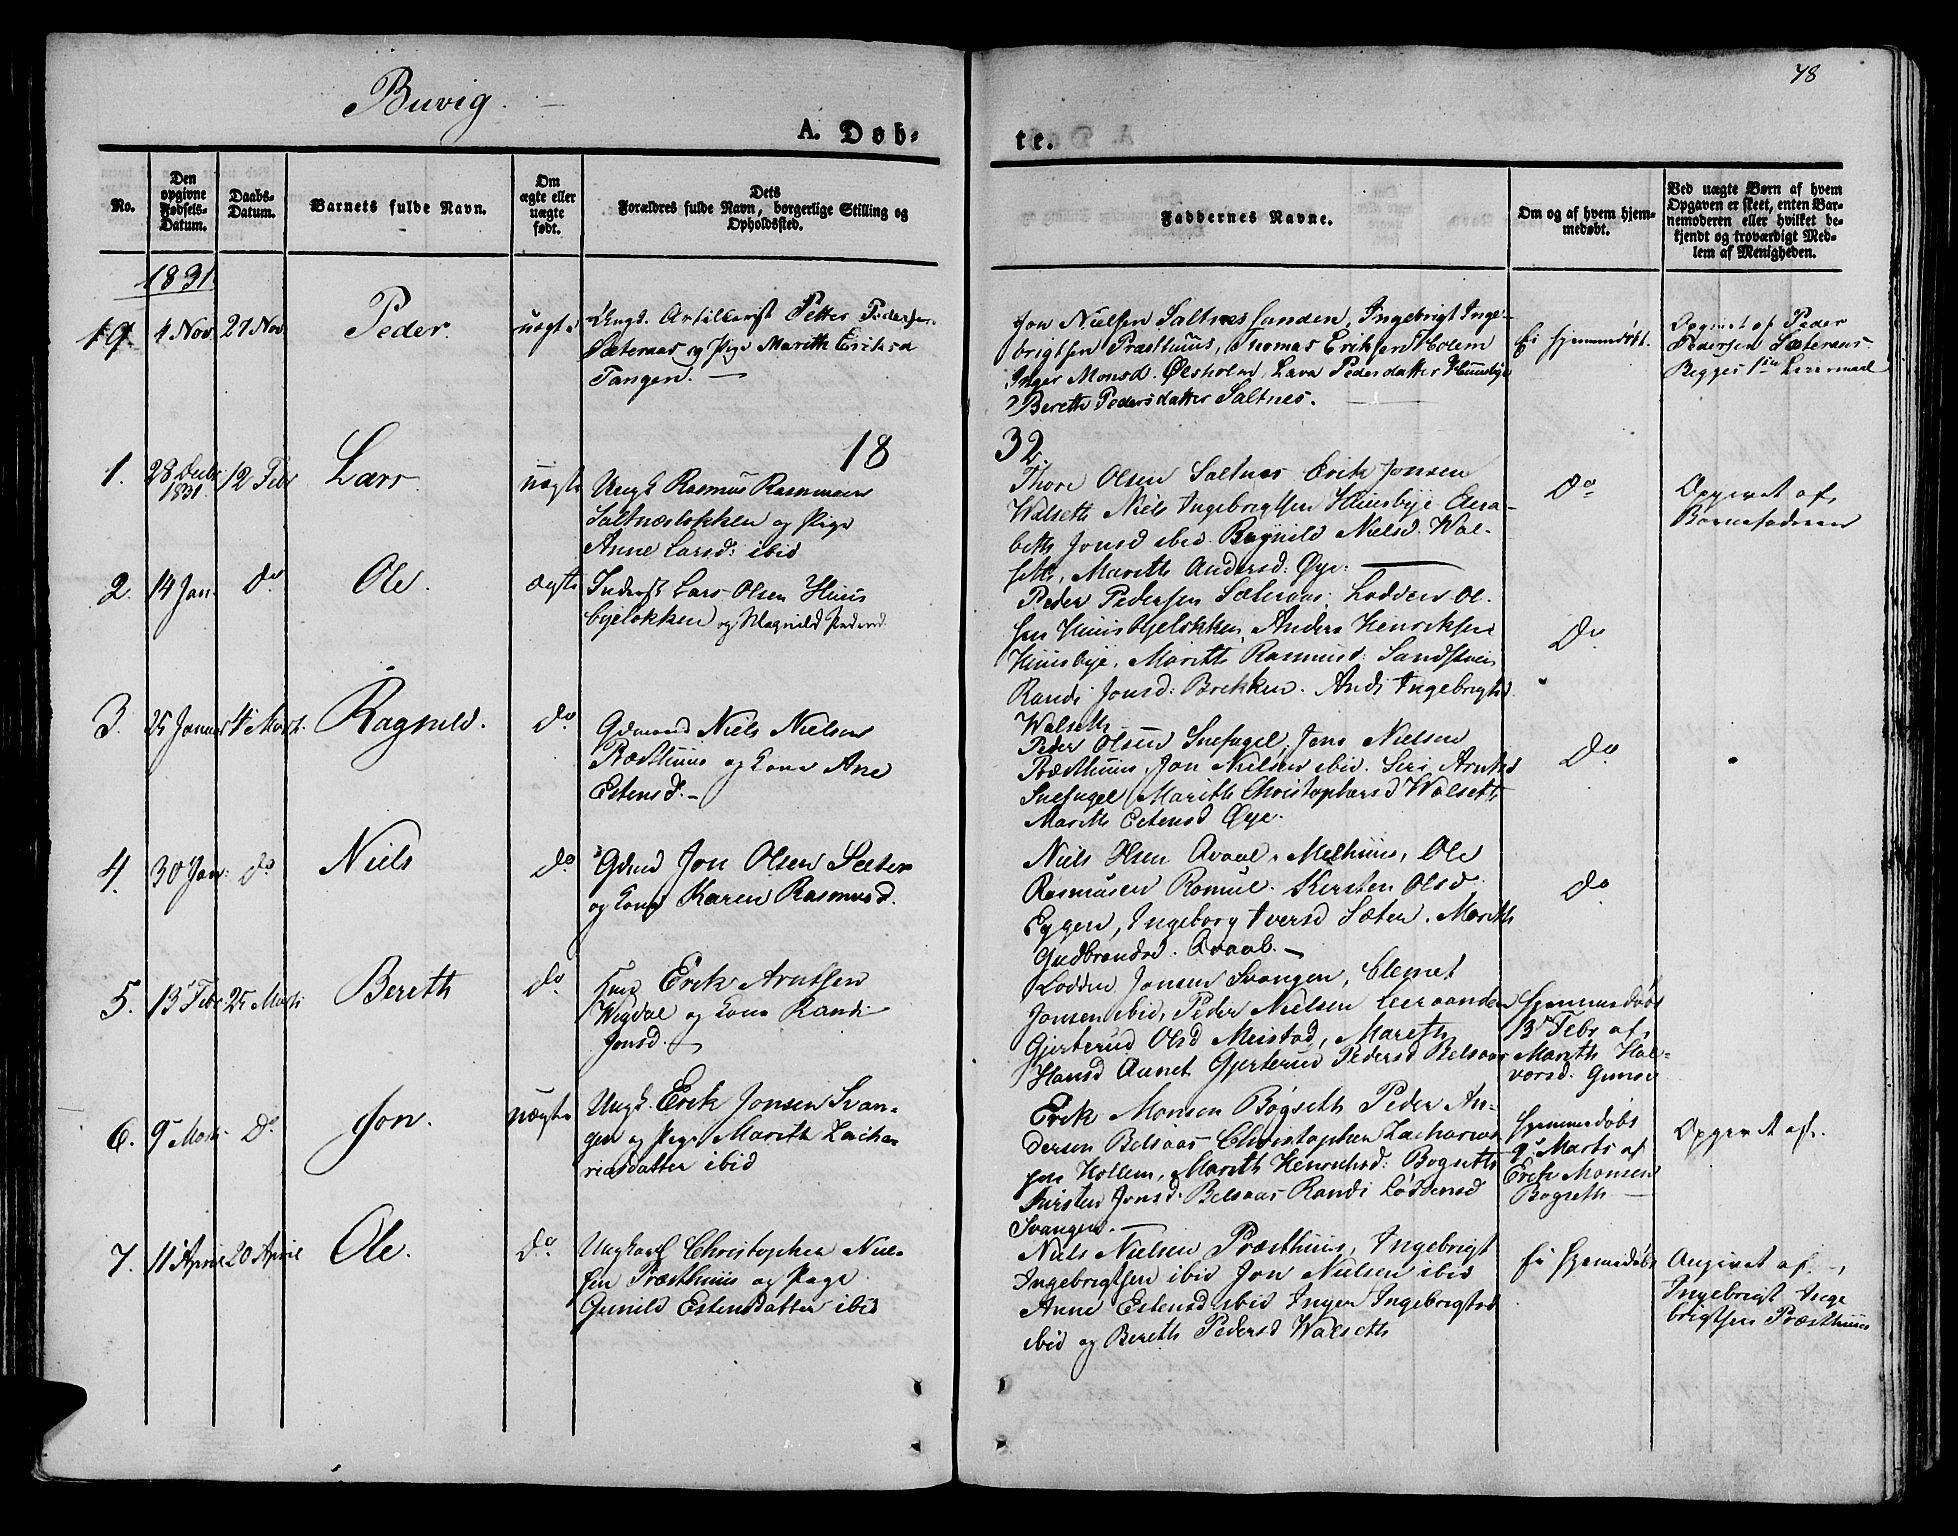 SAT, Ministerialprotokoller, klokkerbøker og fødselsregistre - Sør-Trøndelag, 612/L0375: Ministerialbok nr. 612A07 /2, 1829-1845, s. 78